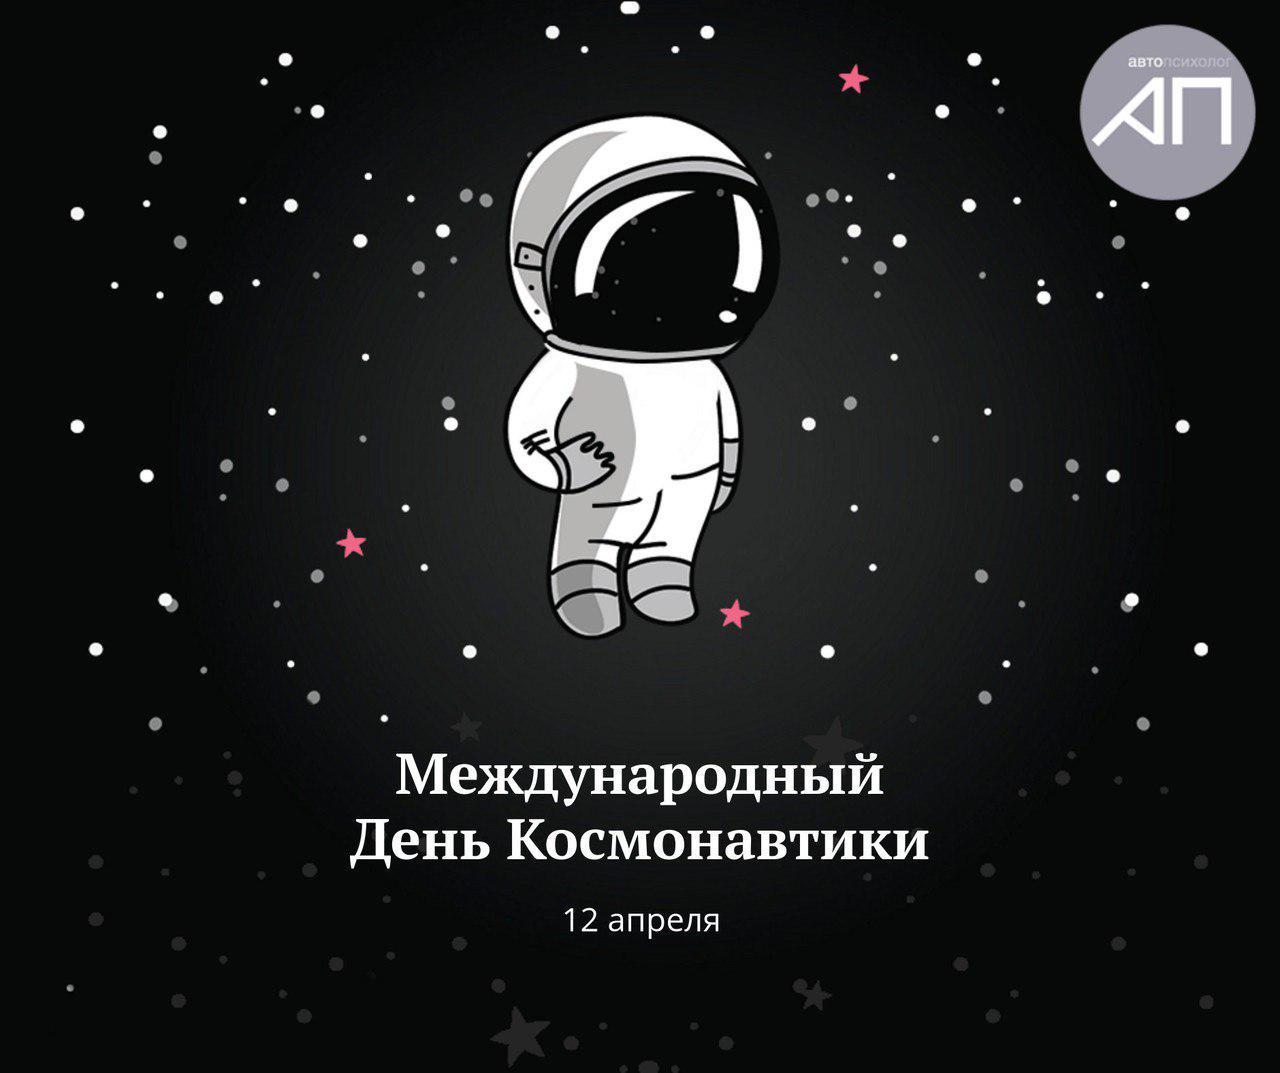 Картинки с днем космонавтики поздравление смс